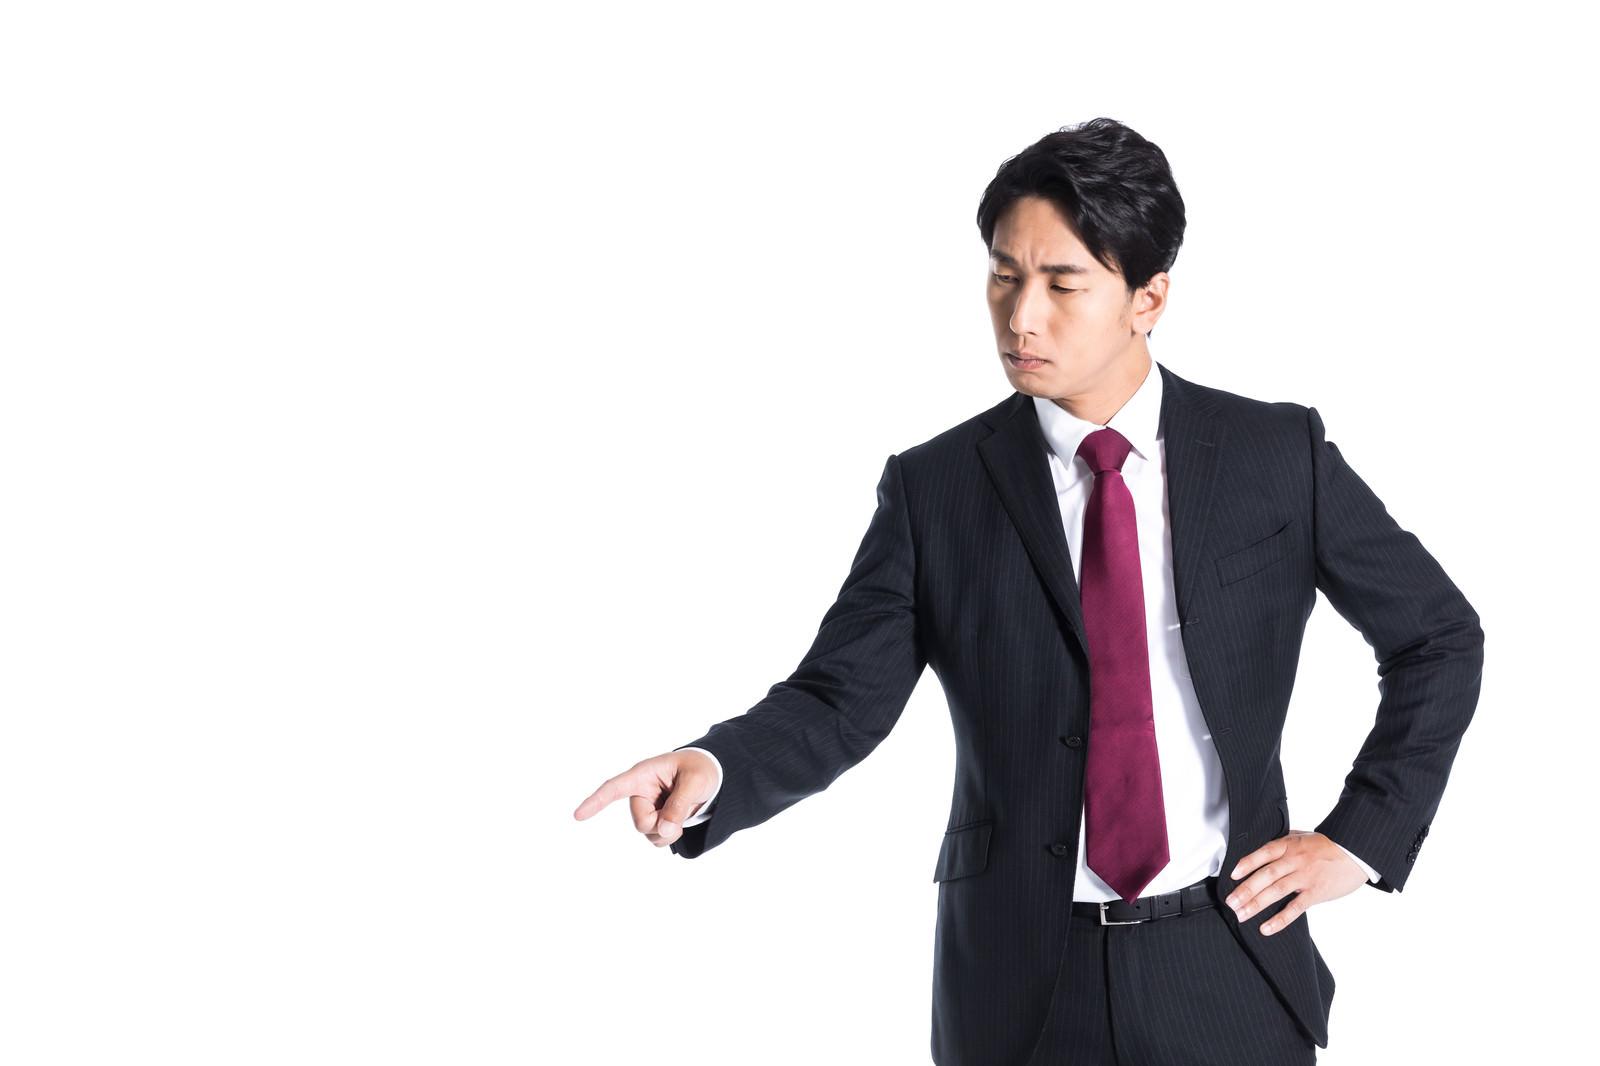 「左下を指さすスーツ姿の会社員」の写真[モデル:大川竜弥]